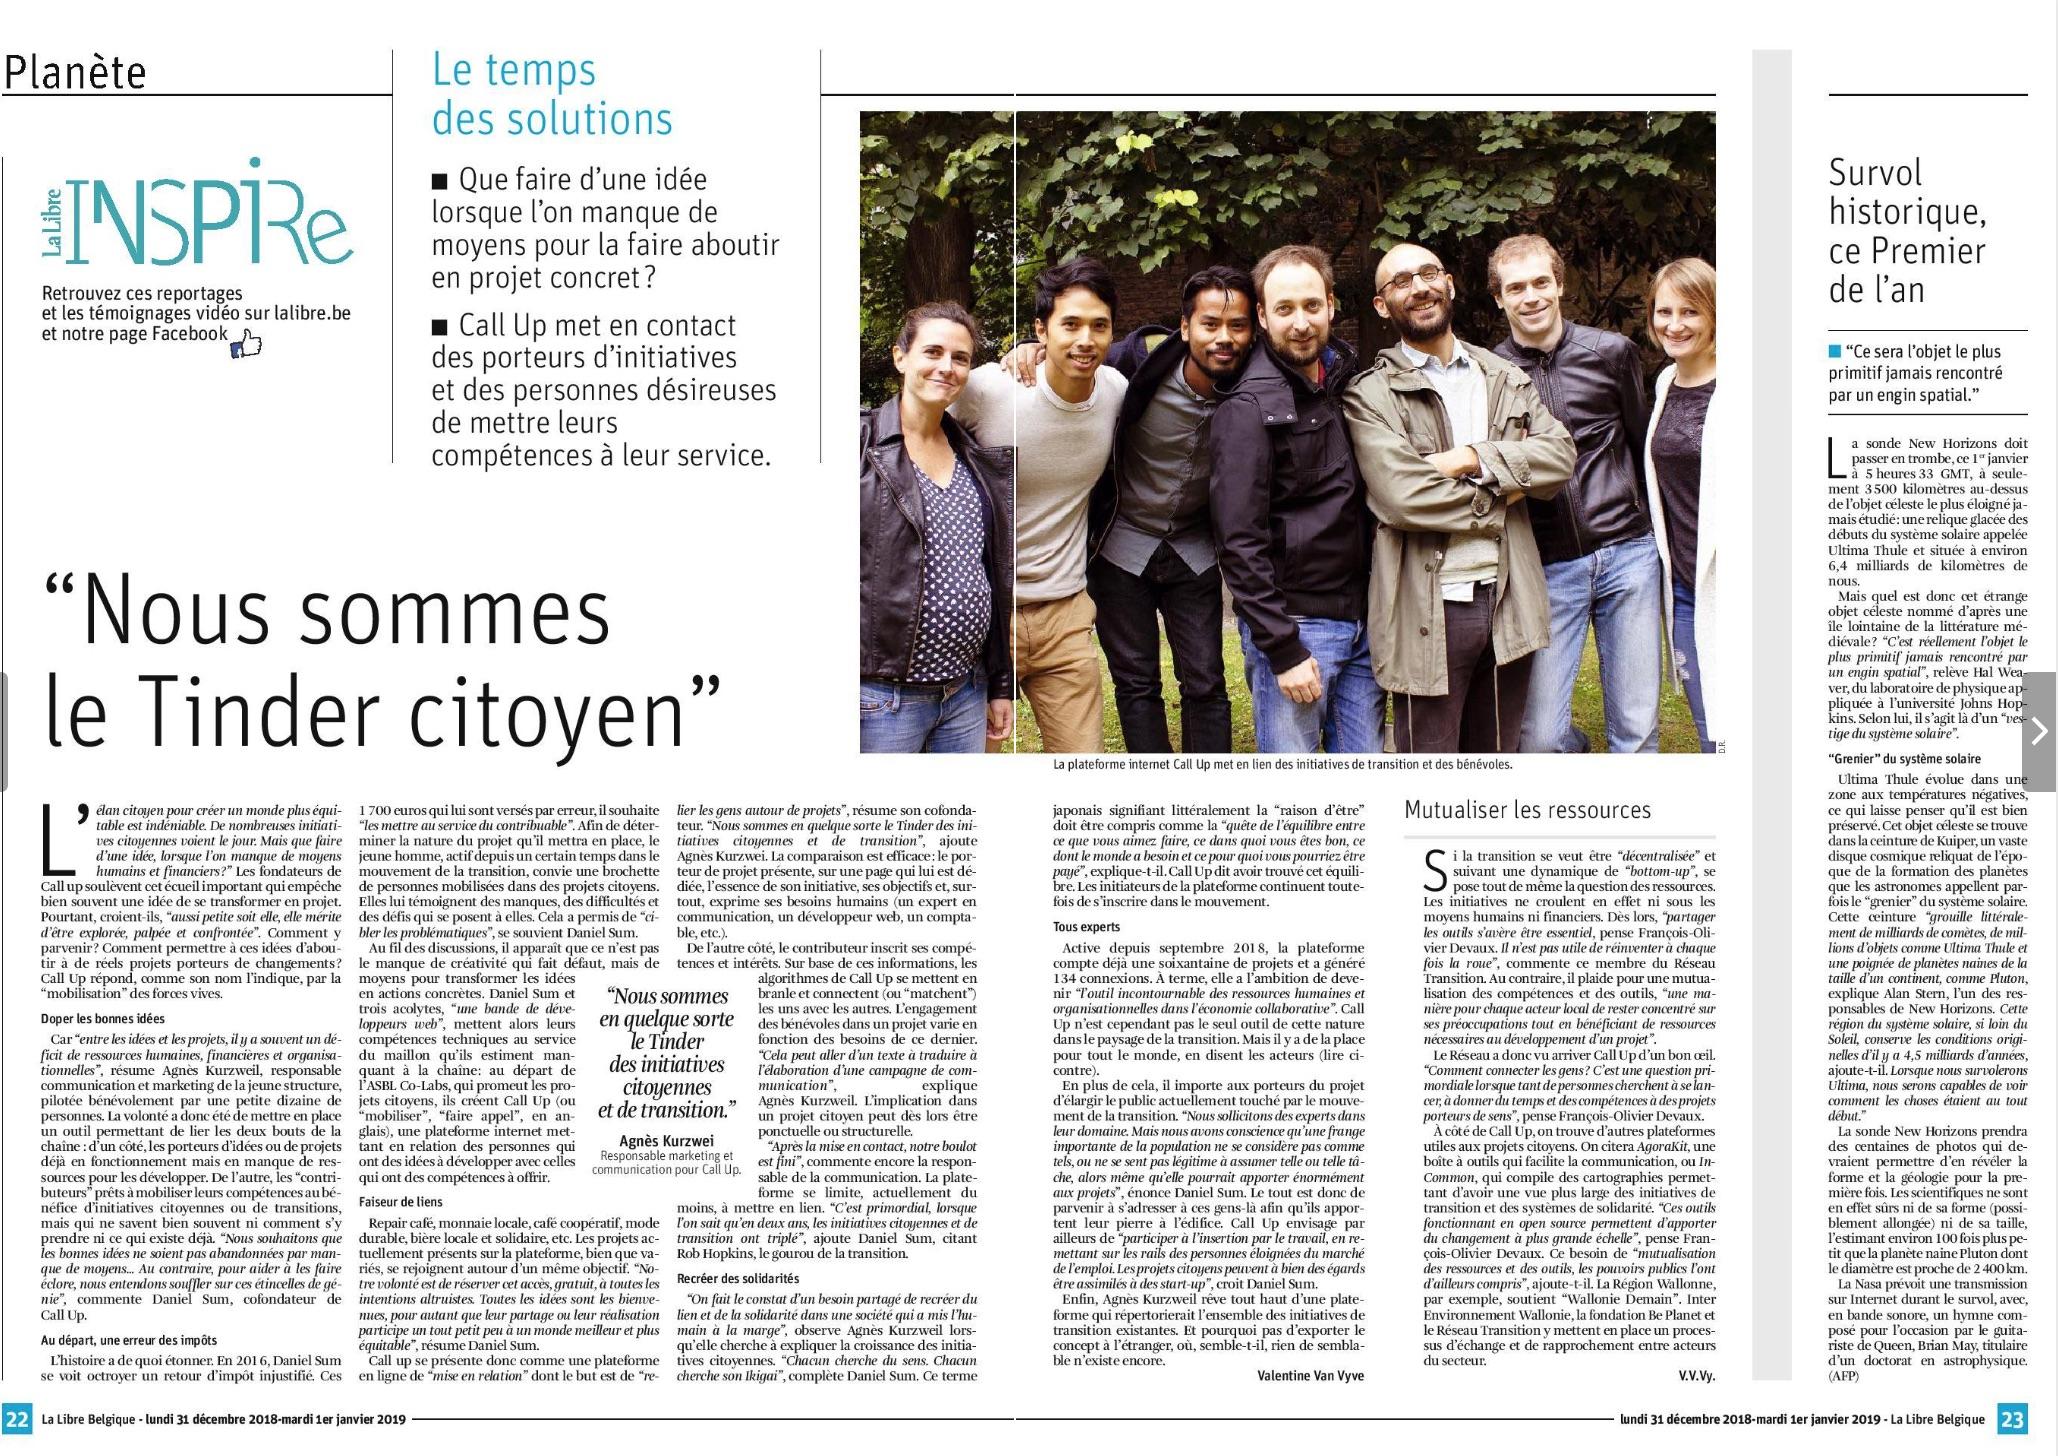 Notre ASBL dans la rubrique Inspire de la Libre Belgique